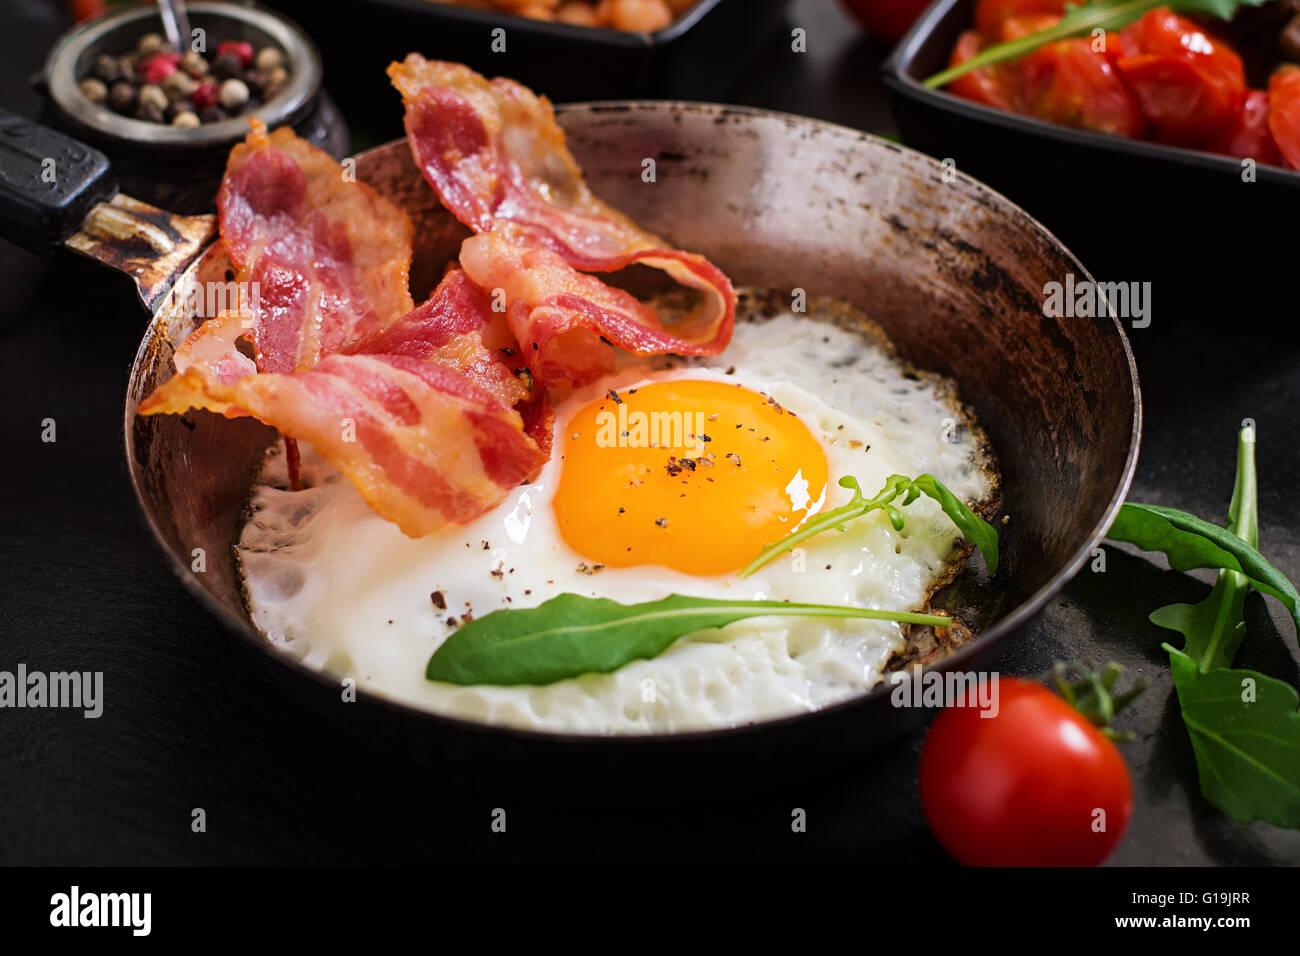 Petit-déjeuner anglais - œuf frit, haricots, tomates, champignons, bacon et pain grillé Photo Stock